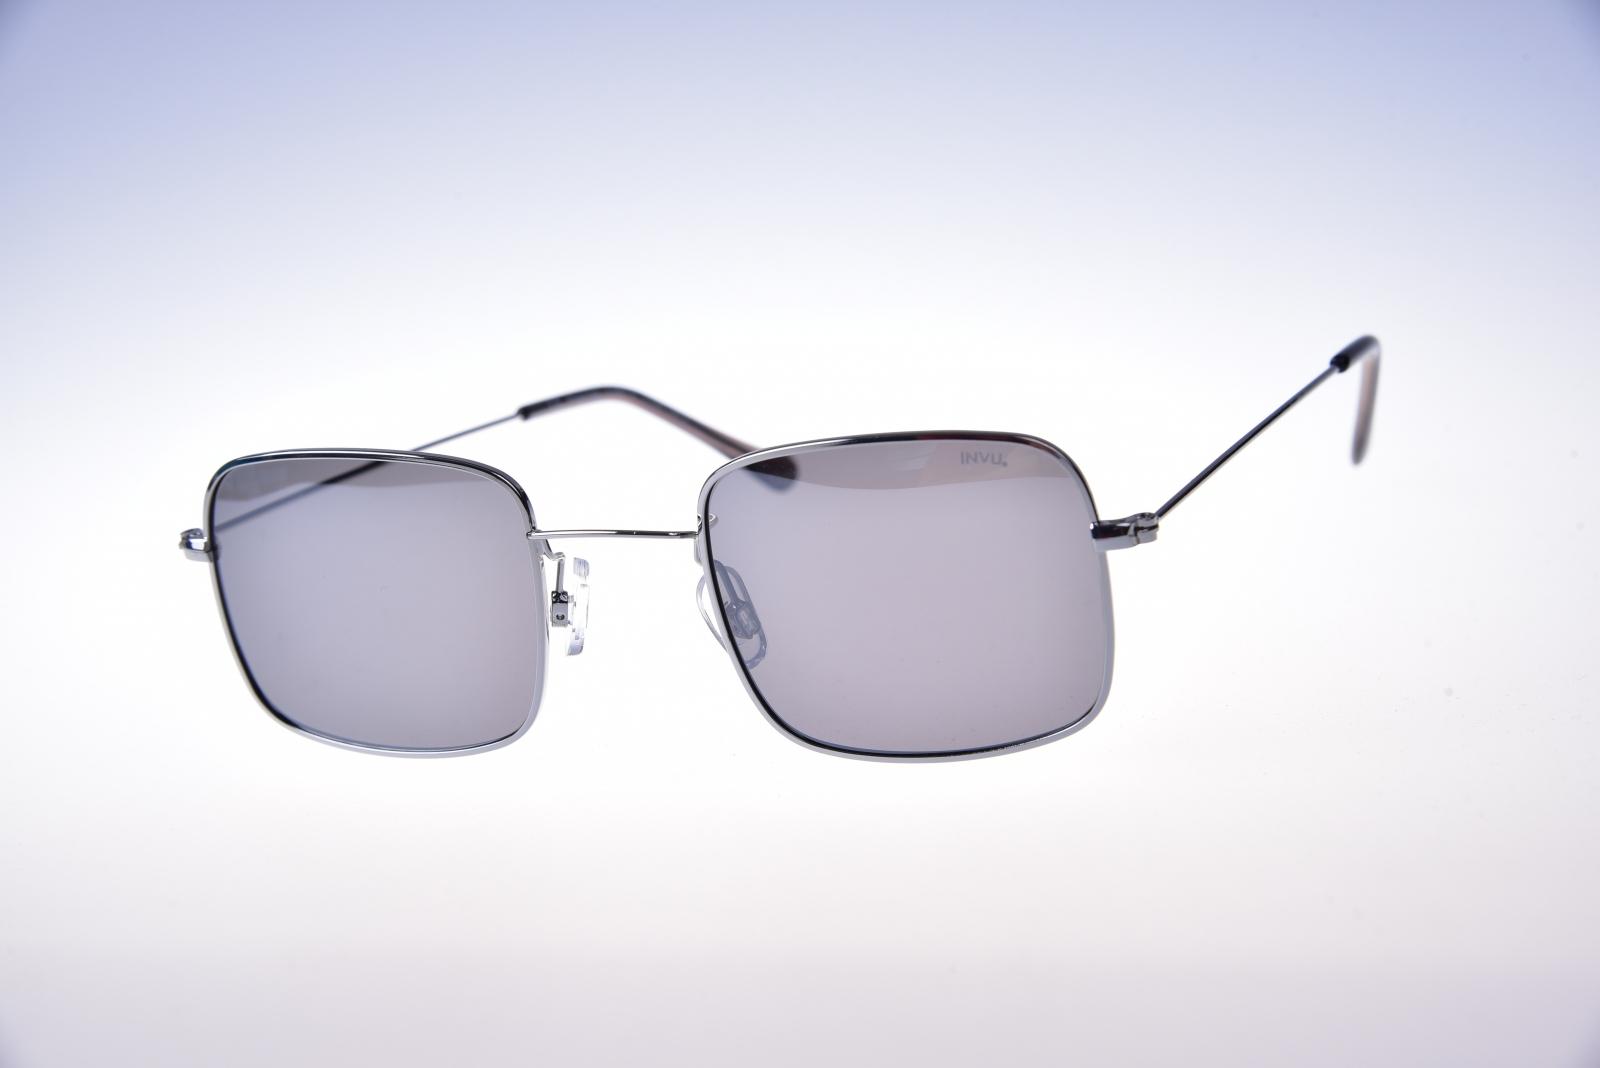 INVU. Trend T1907C - Pánske slnečné okuliare